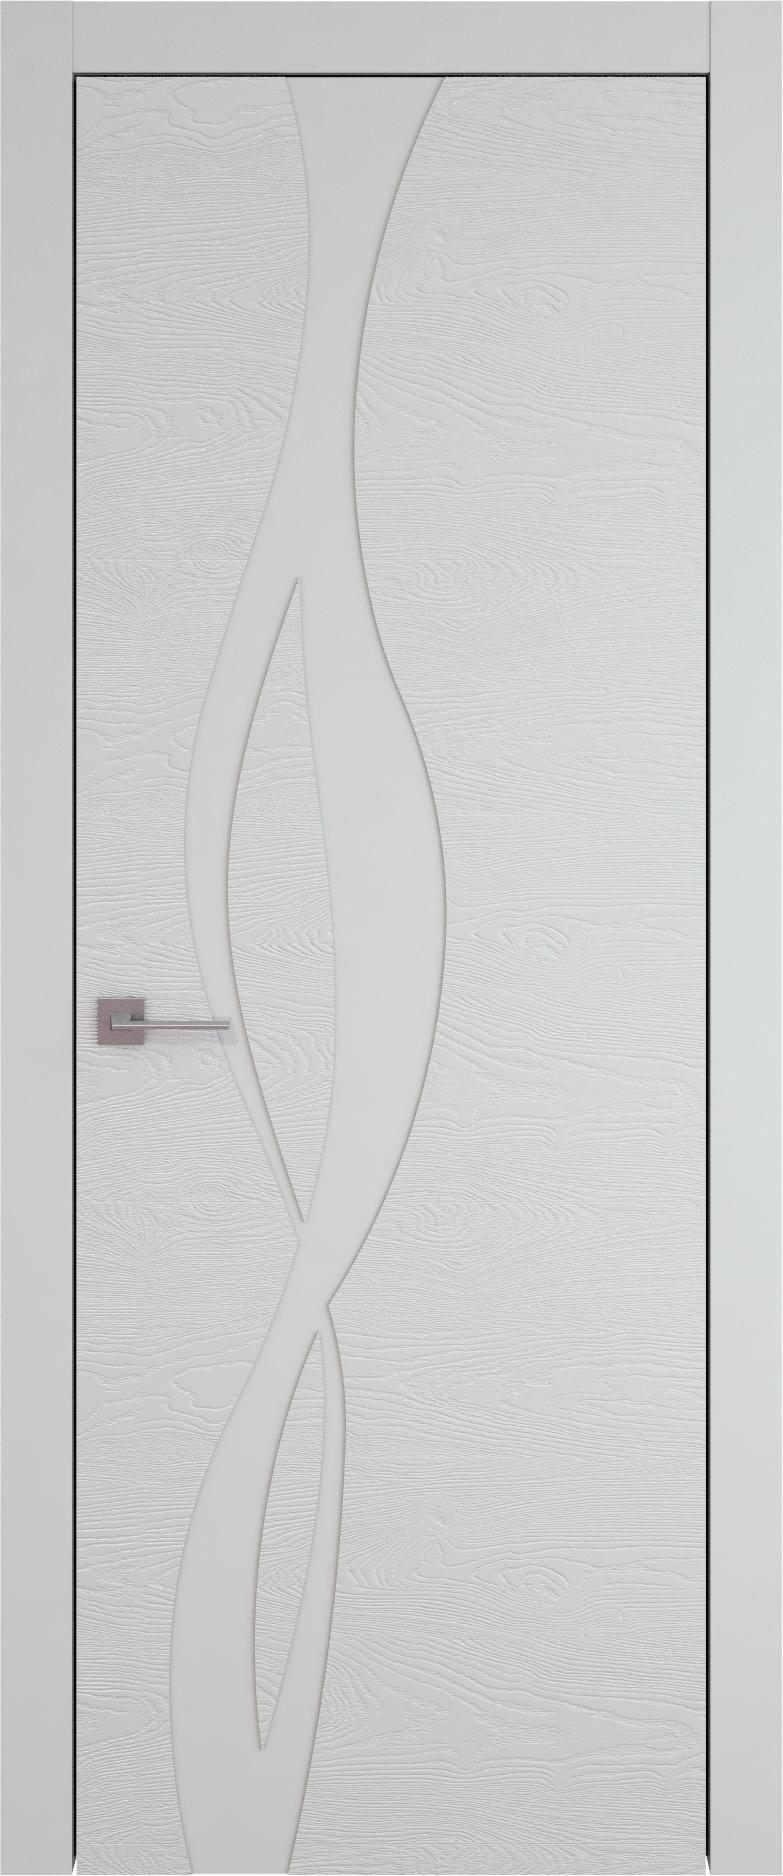 Tivoli Г-5 цвет - Серая эмаль по шпону (RAL 7047) Без стекла (ДГ)